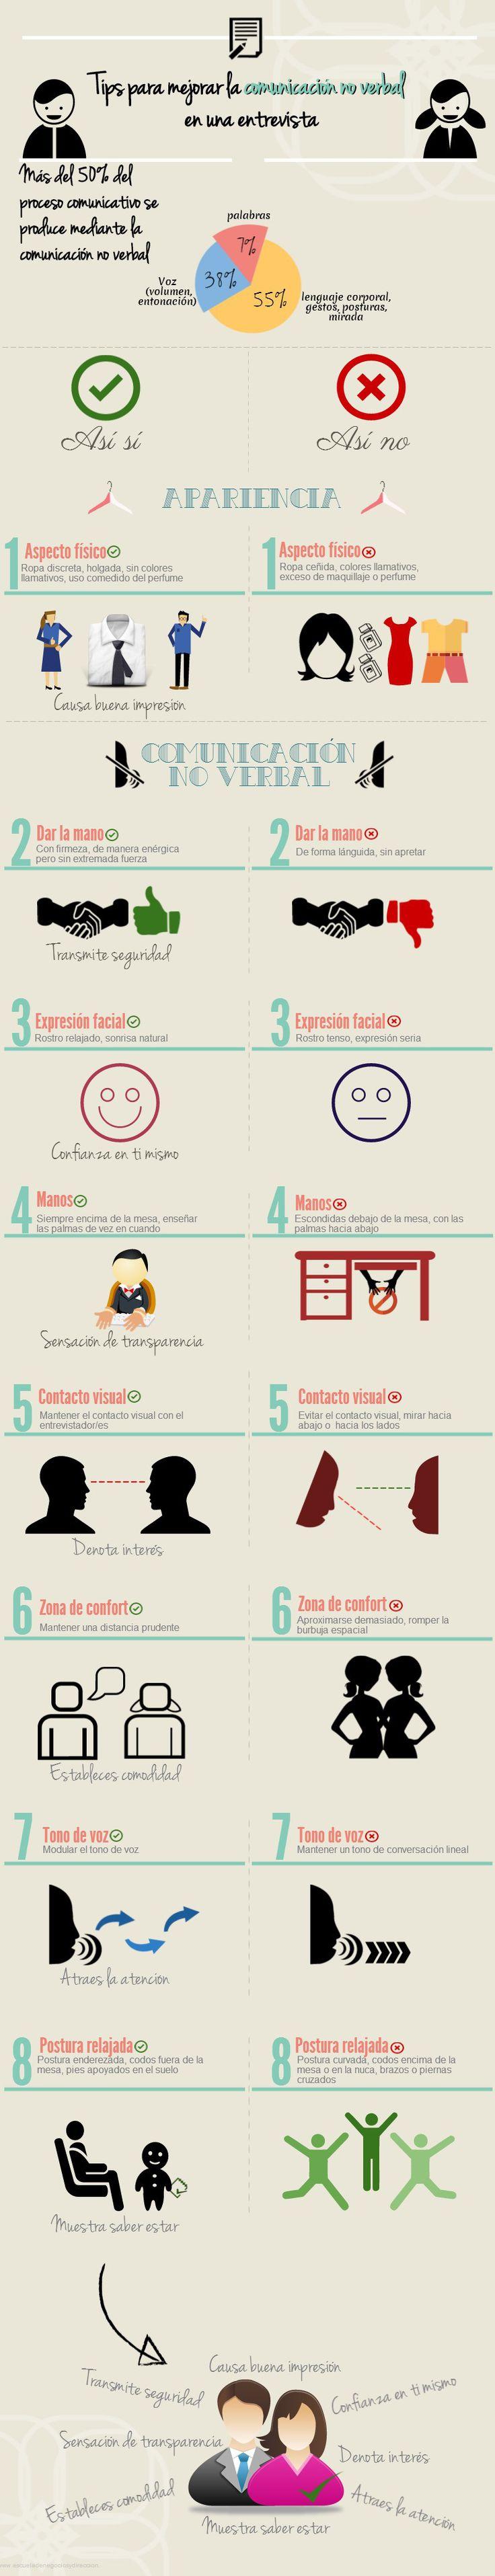 Mejorar tu comunicación no verbal en la entrevista de trabajo